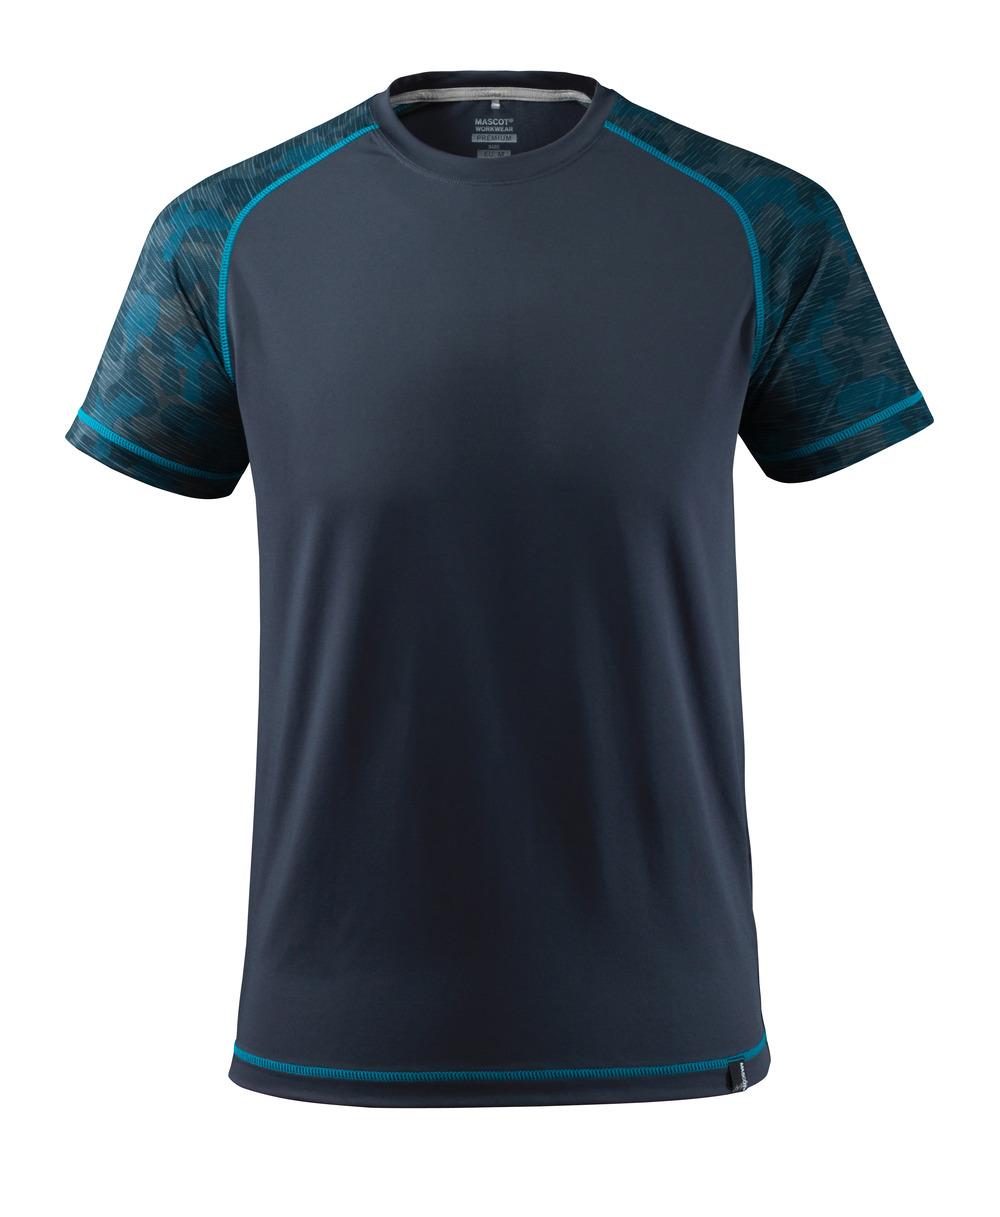 17482-944-010 T-Shirt - Schwarzblau